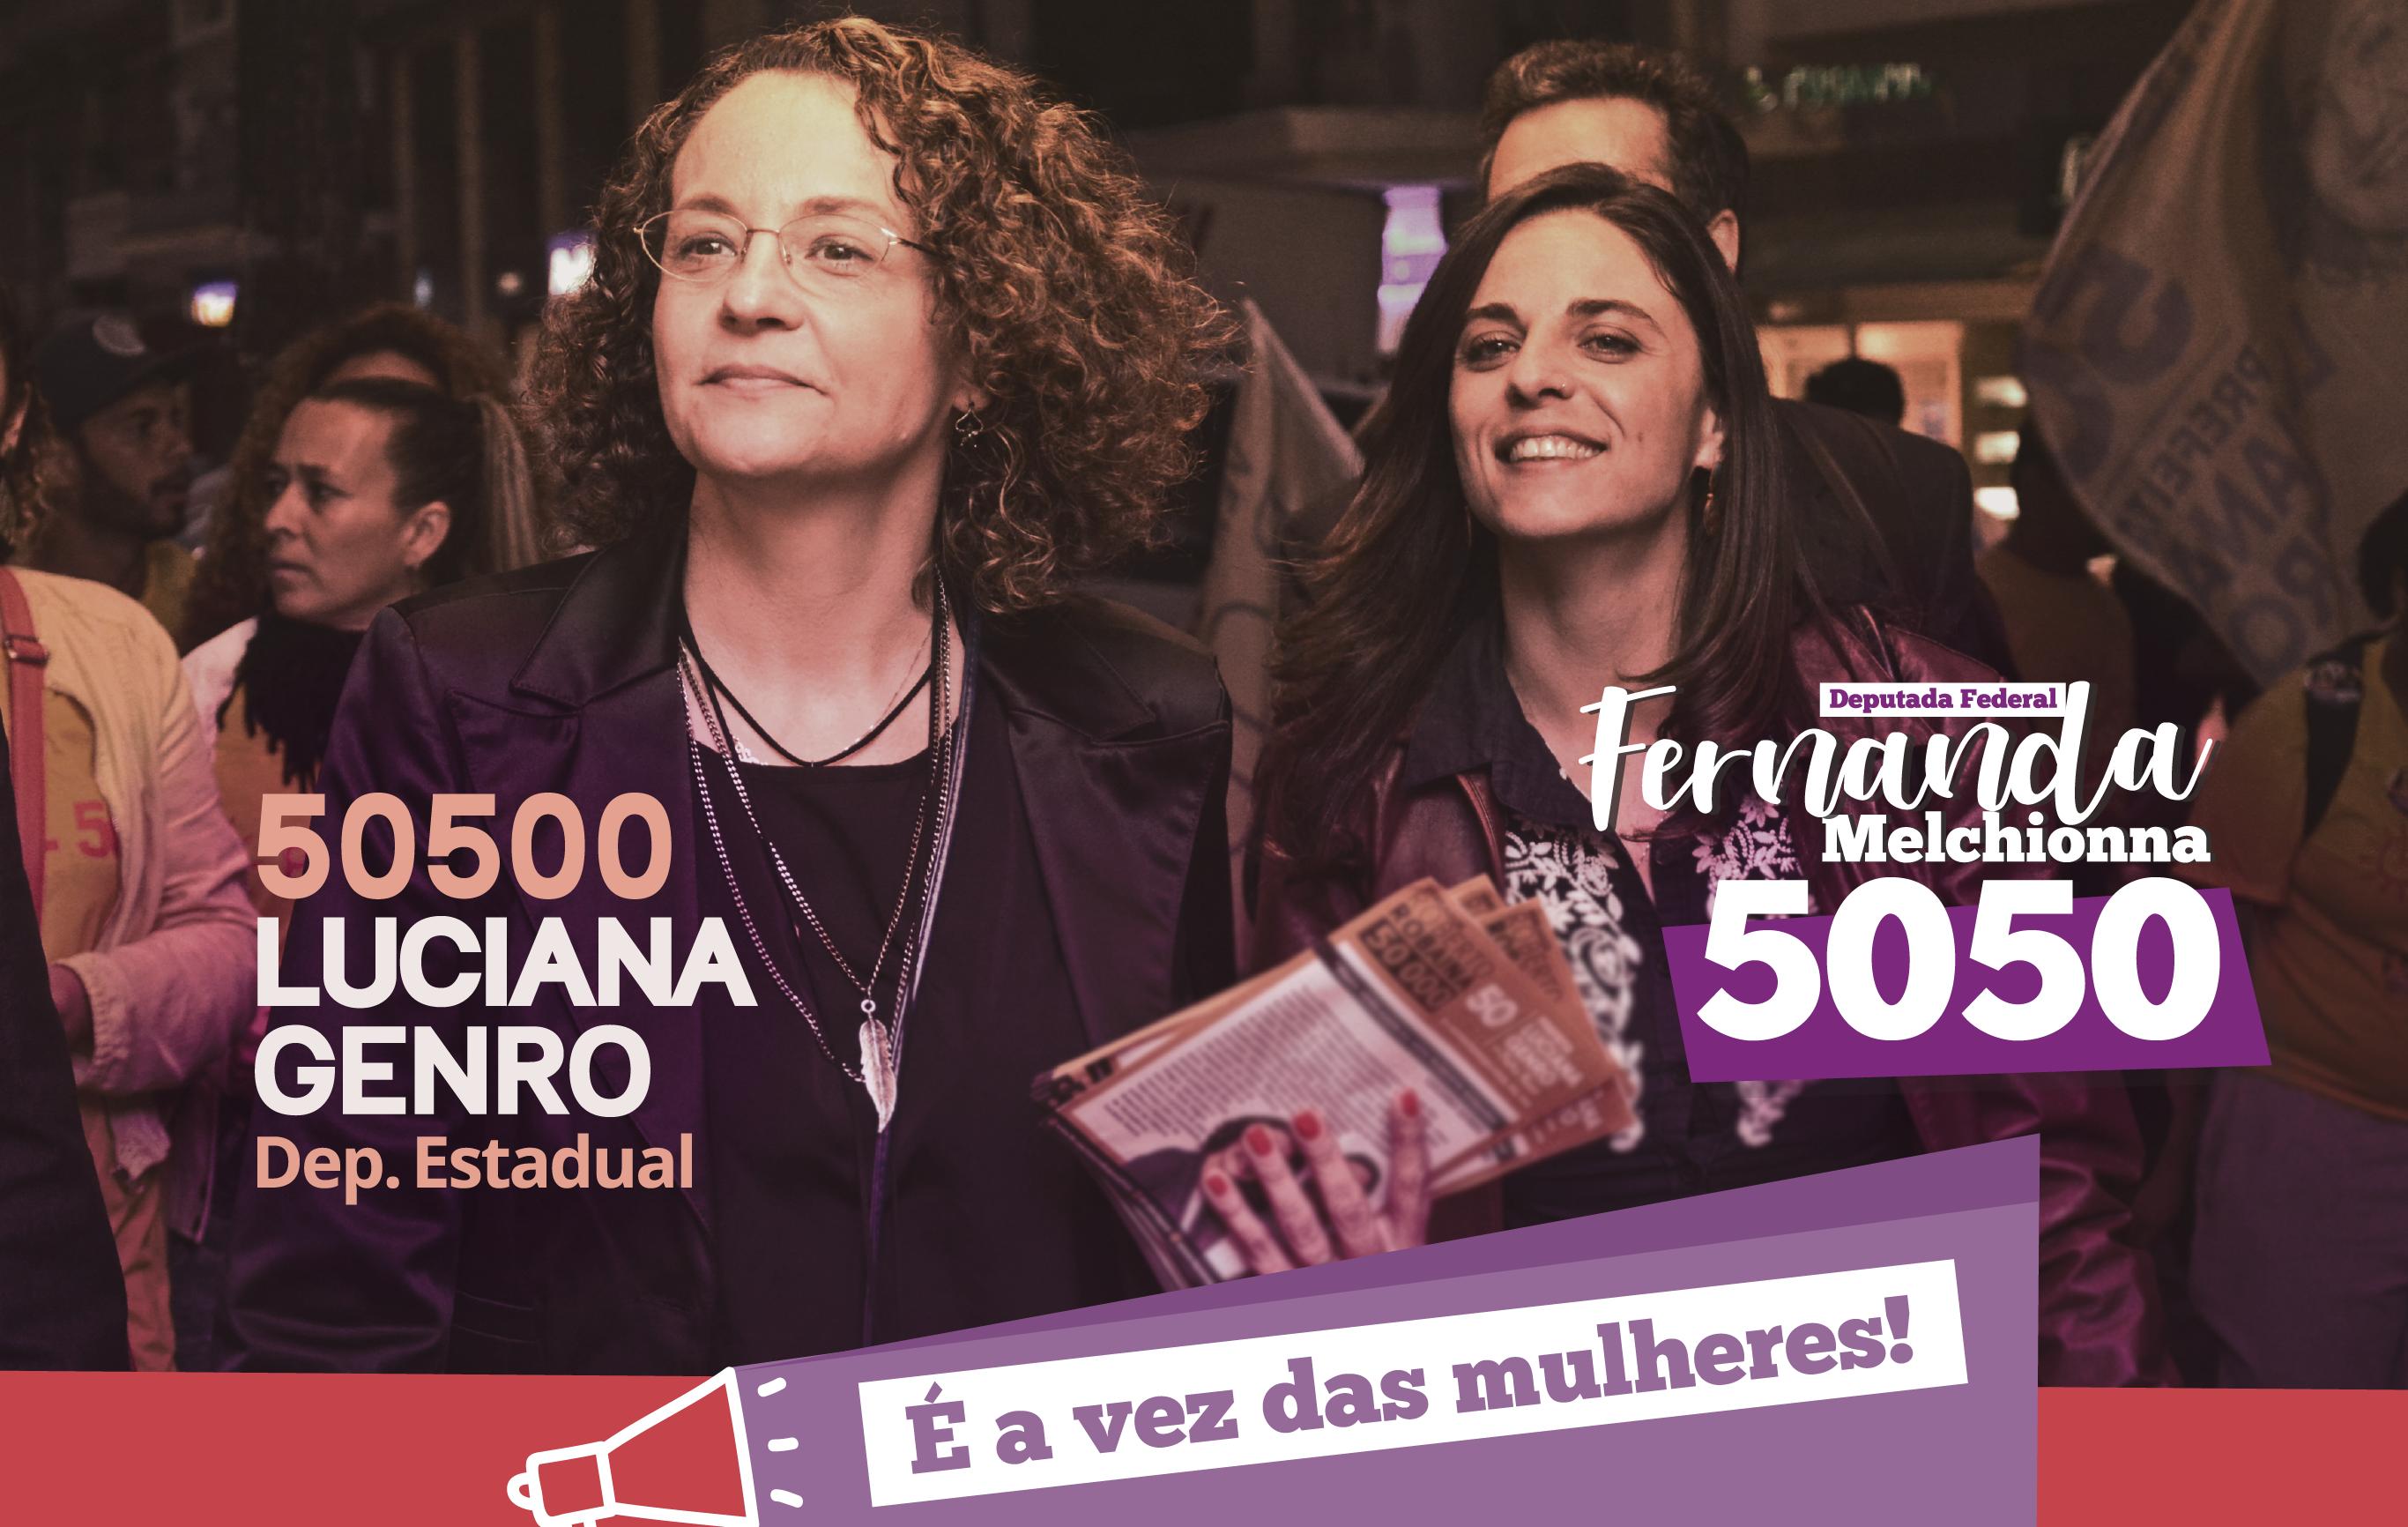 Fernanda e Luciana: é a vez das mulheres!